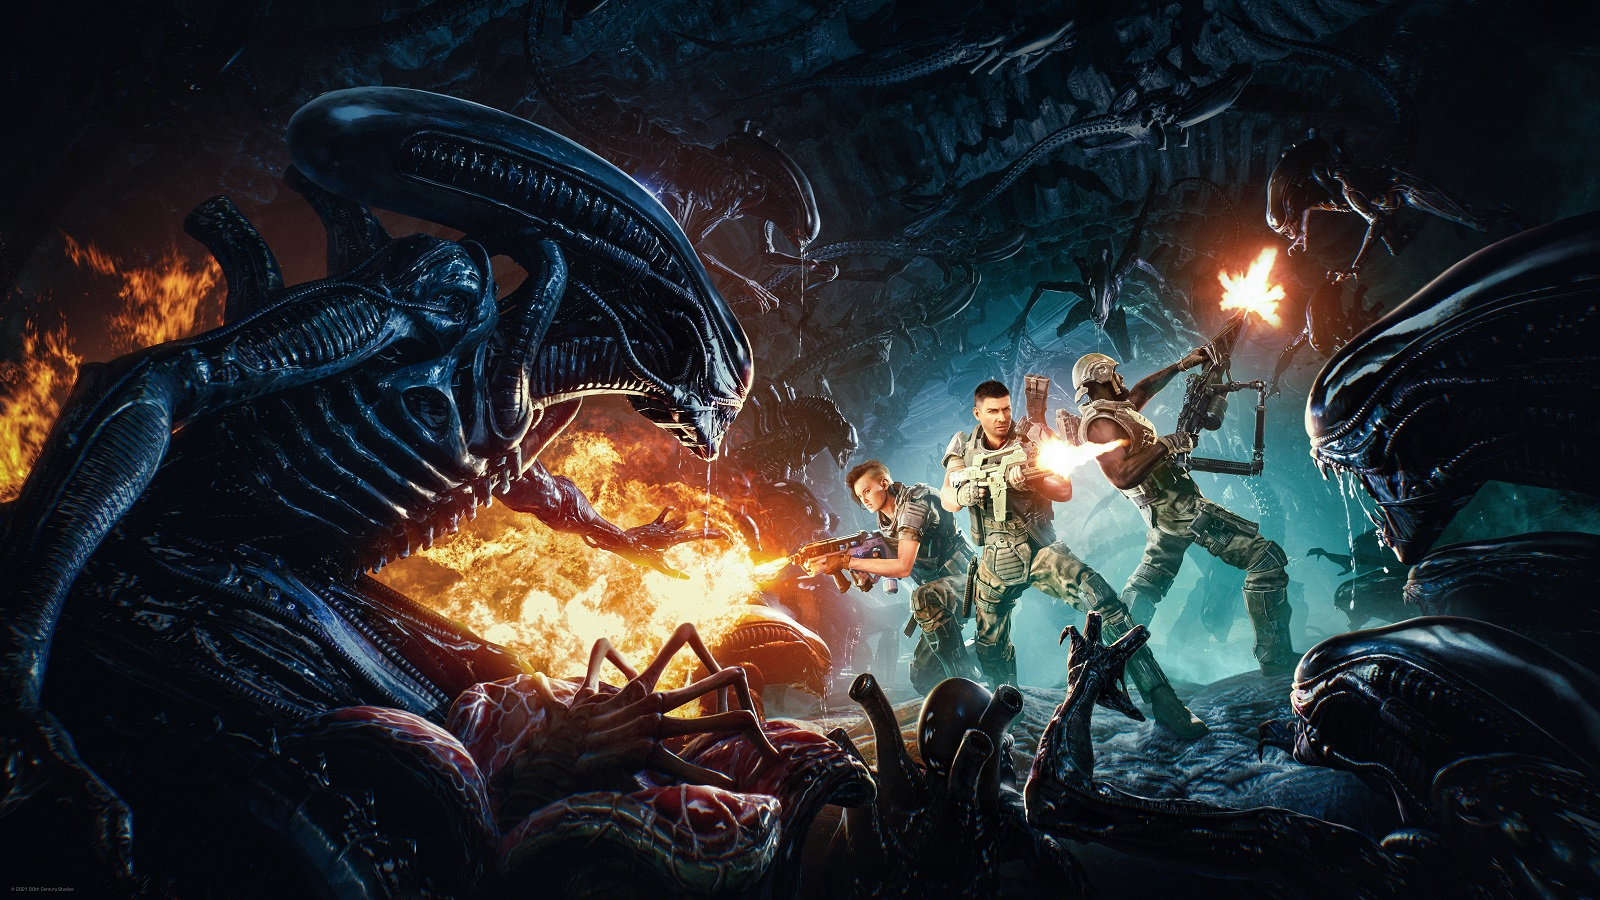 Видео: 25 минут отстрела ксеноморфов в геймплейной демонстрации кооперативного шутера Aliens: Fireteam